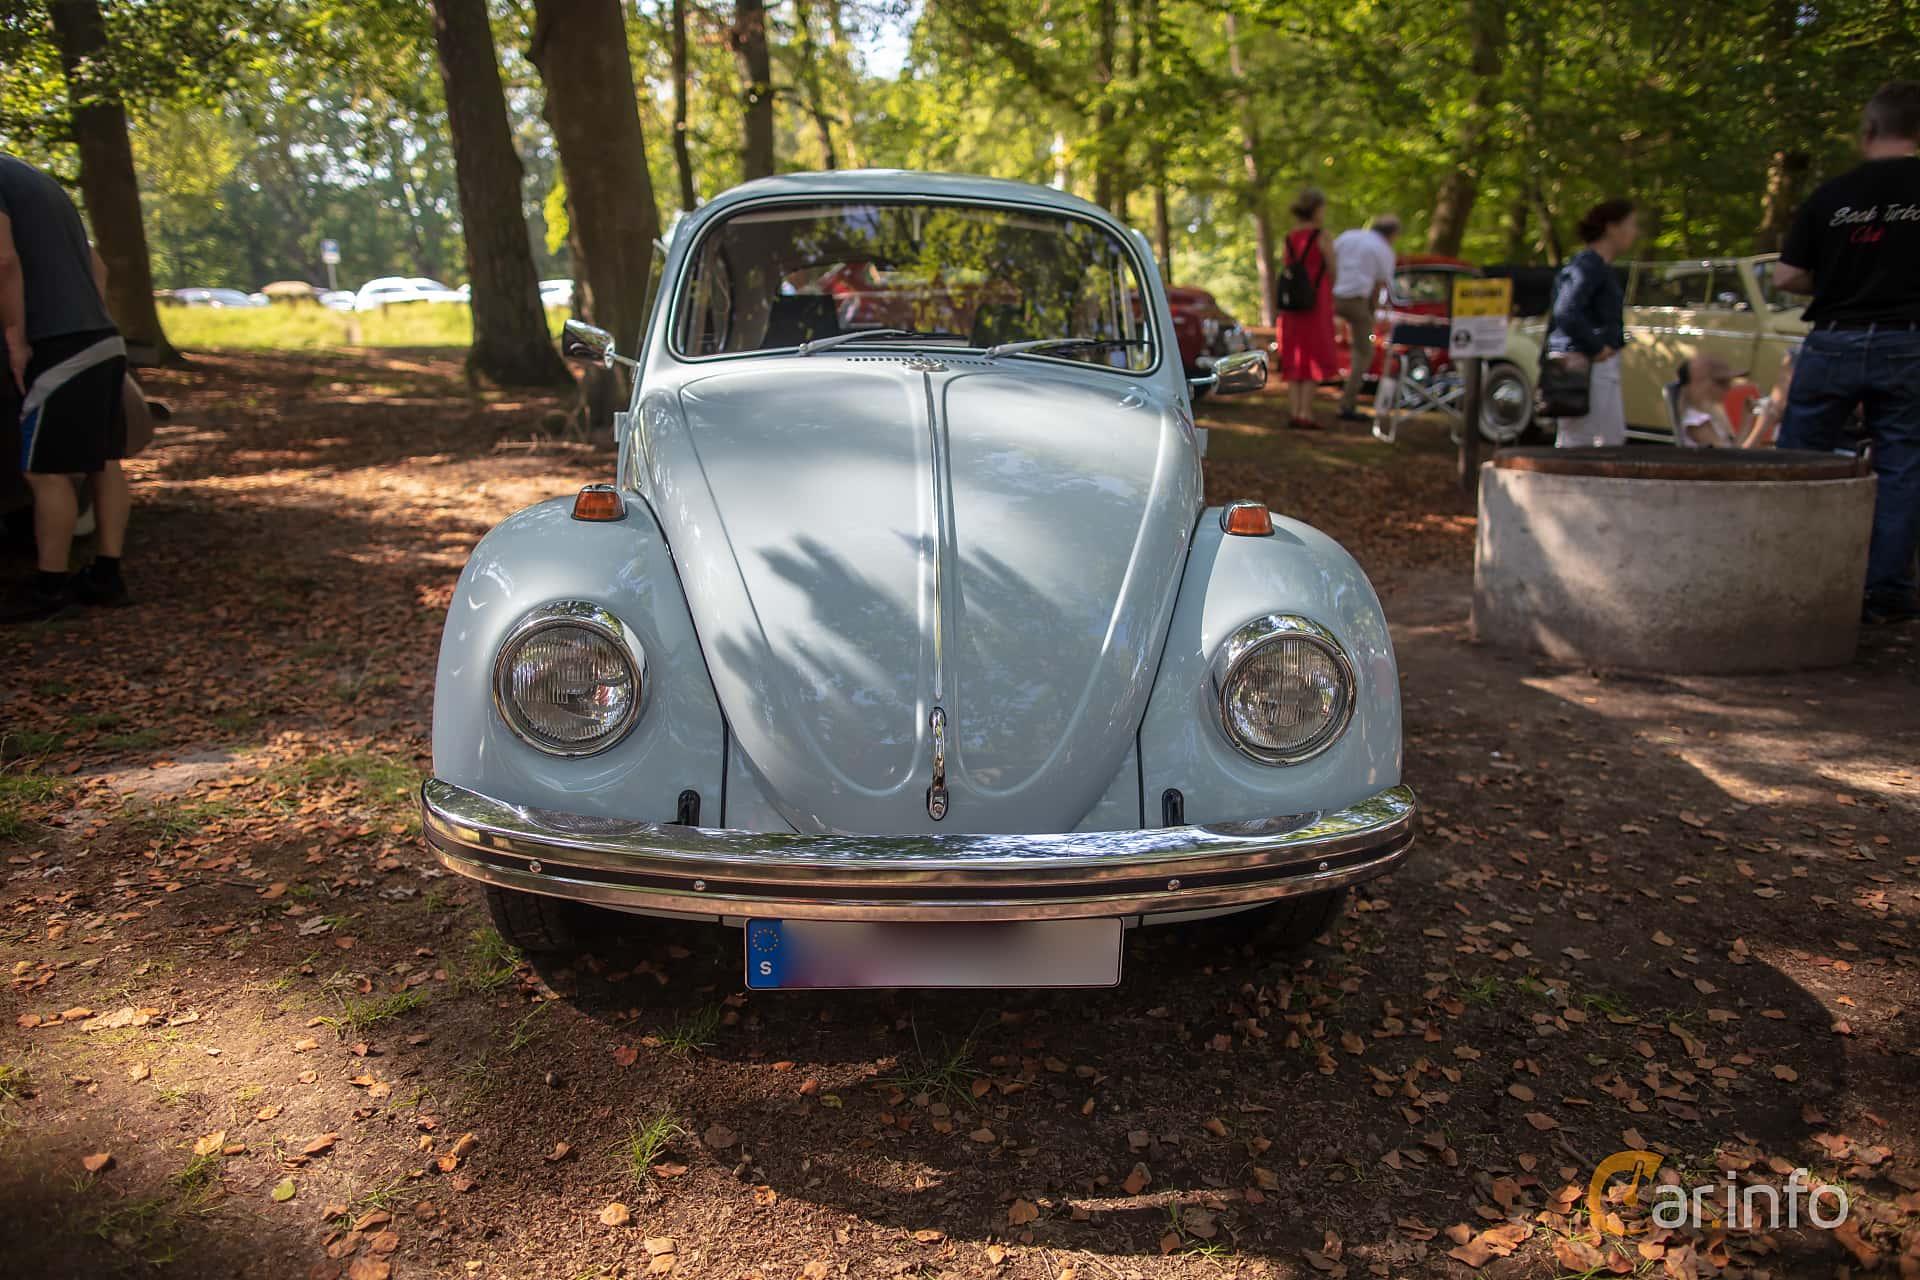 Volkswagen 1300 1.3 Manual, 41hp, 1970 at Lergöksträffen Ängelholm 2019